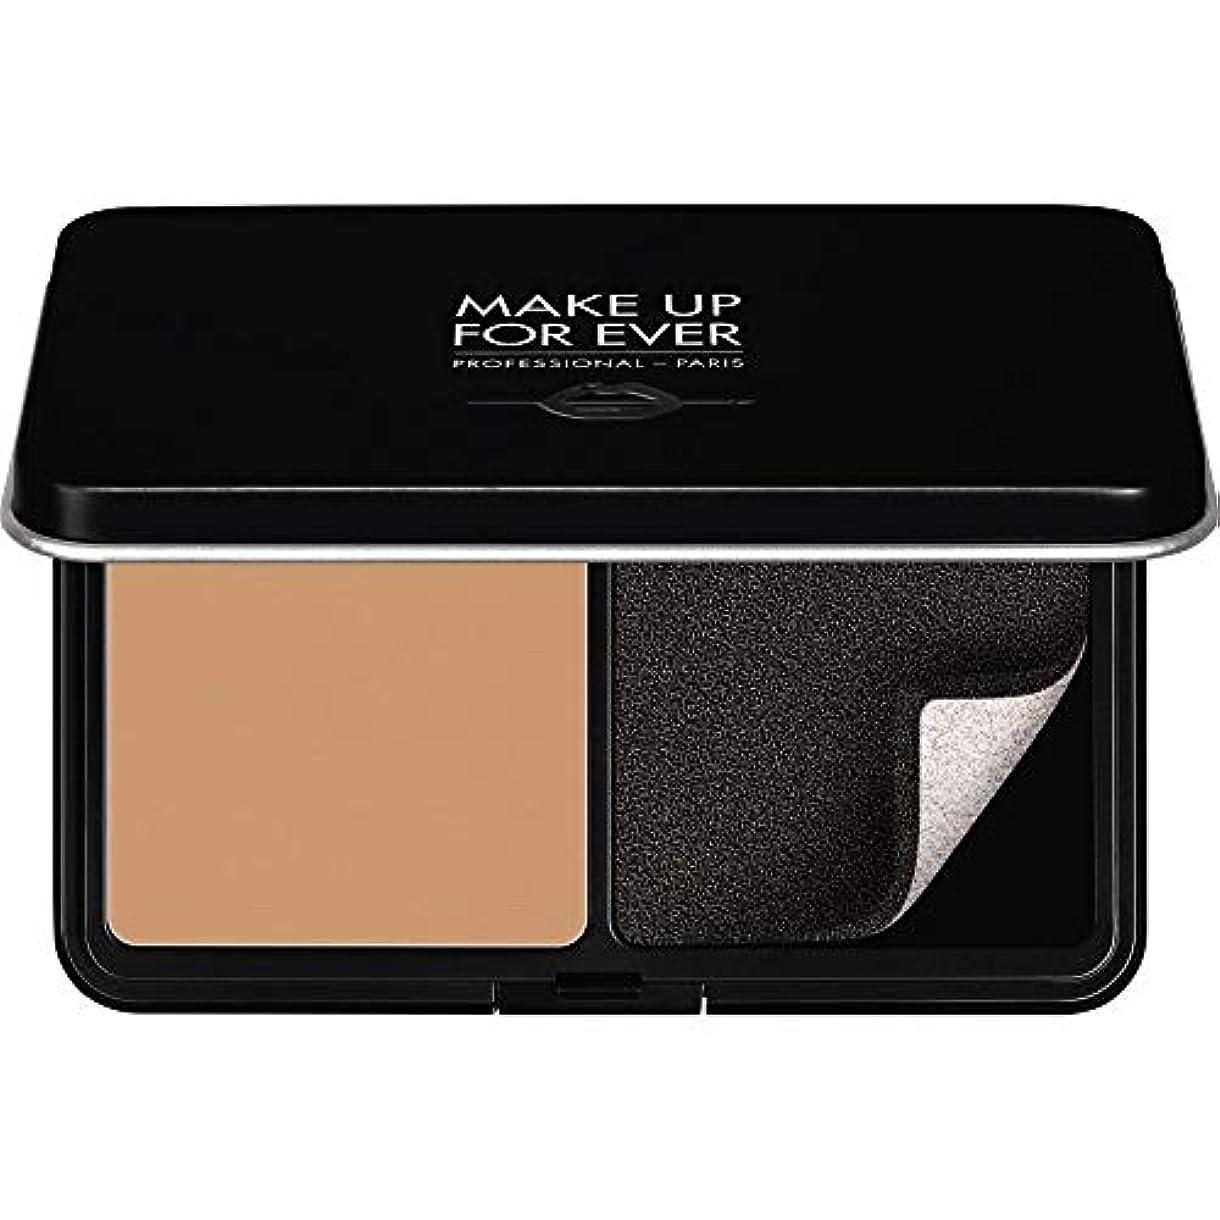 フォルダ雇用者吸う[MAKE UP FOR EVER ] パウダーファンデーション11GののR370をぼかし、これまでマットベルベットの肌を補う - メディアベージュ - MAKE UP FOR EVER Matte Velvet Skin...